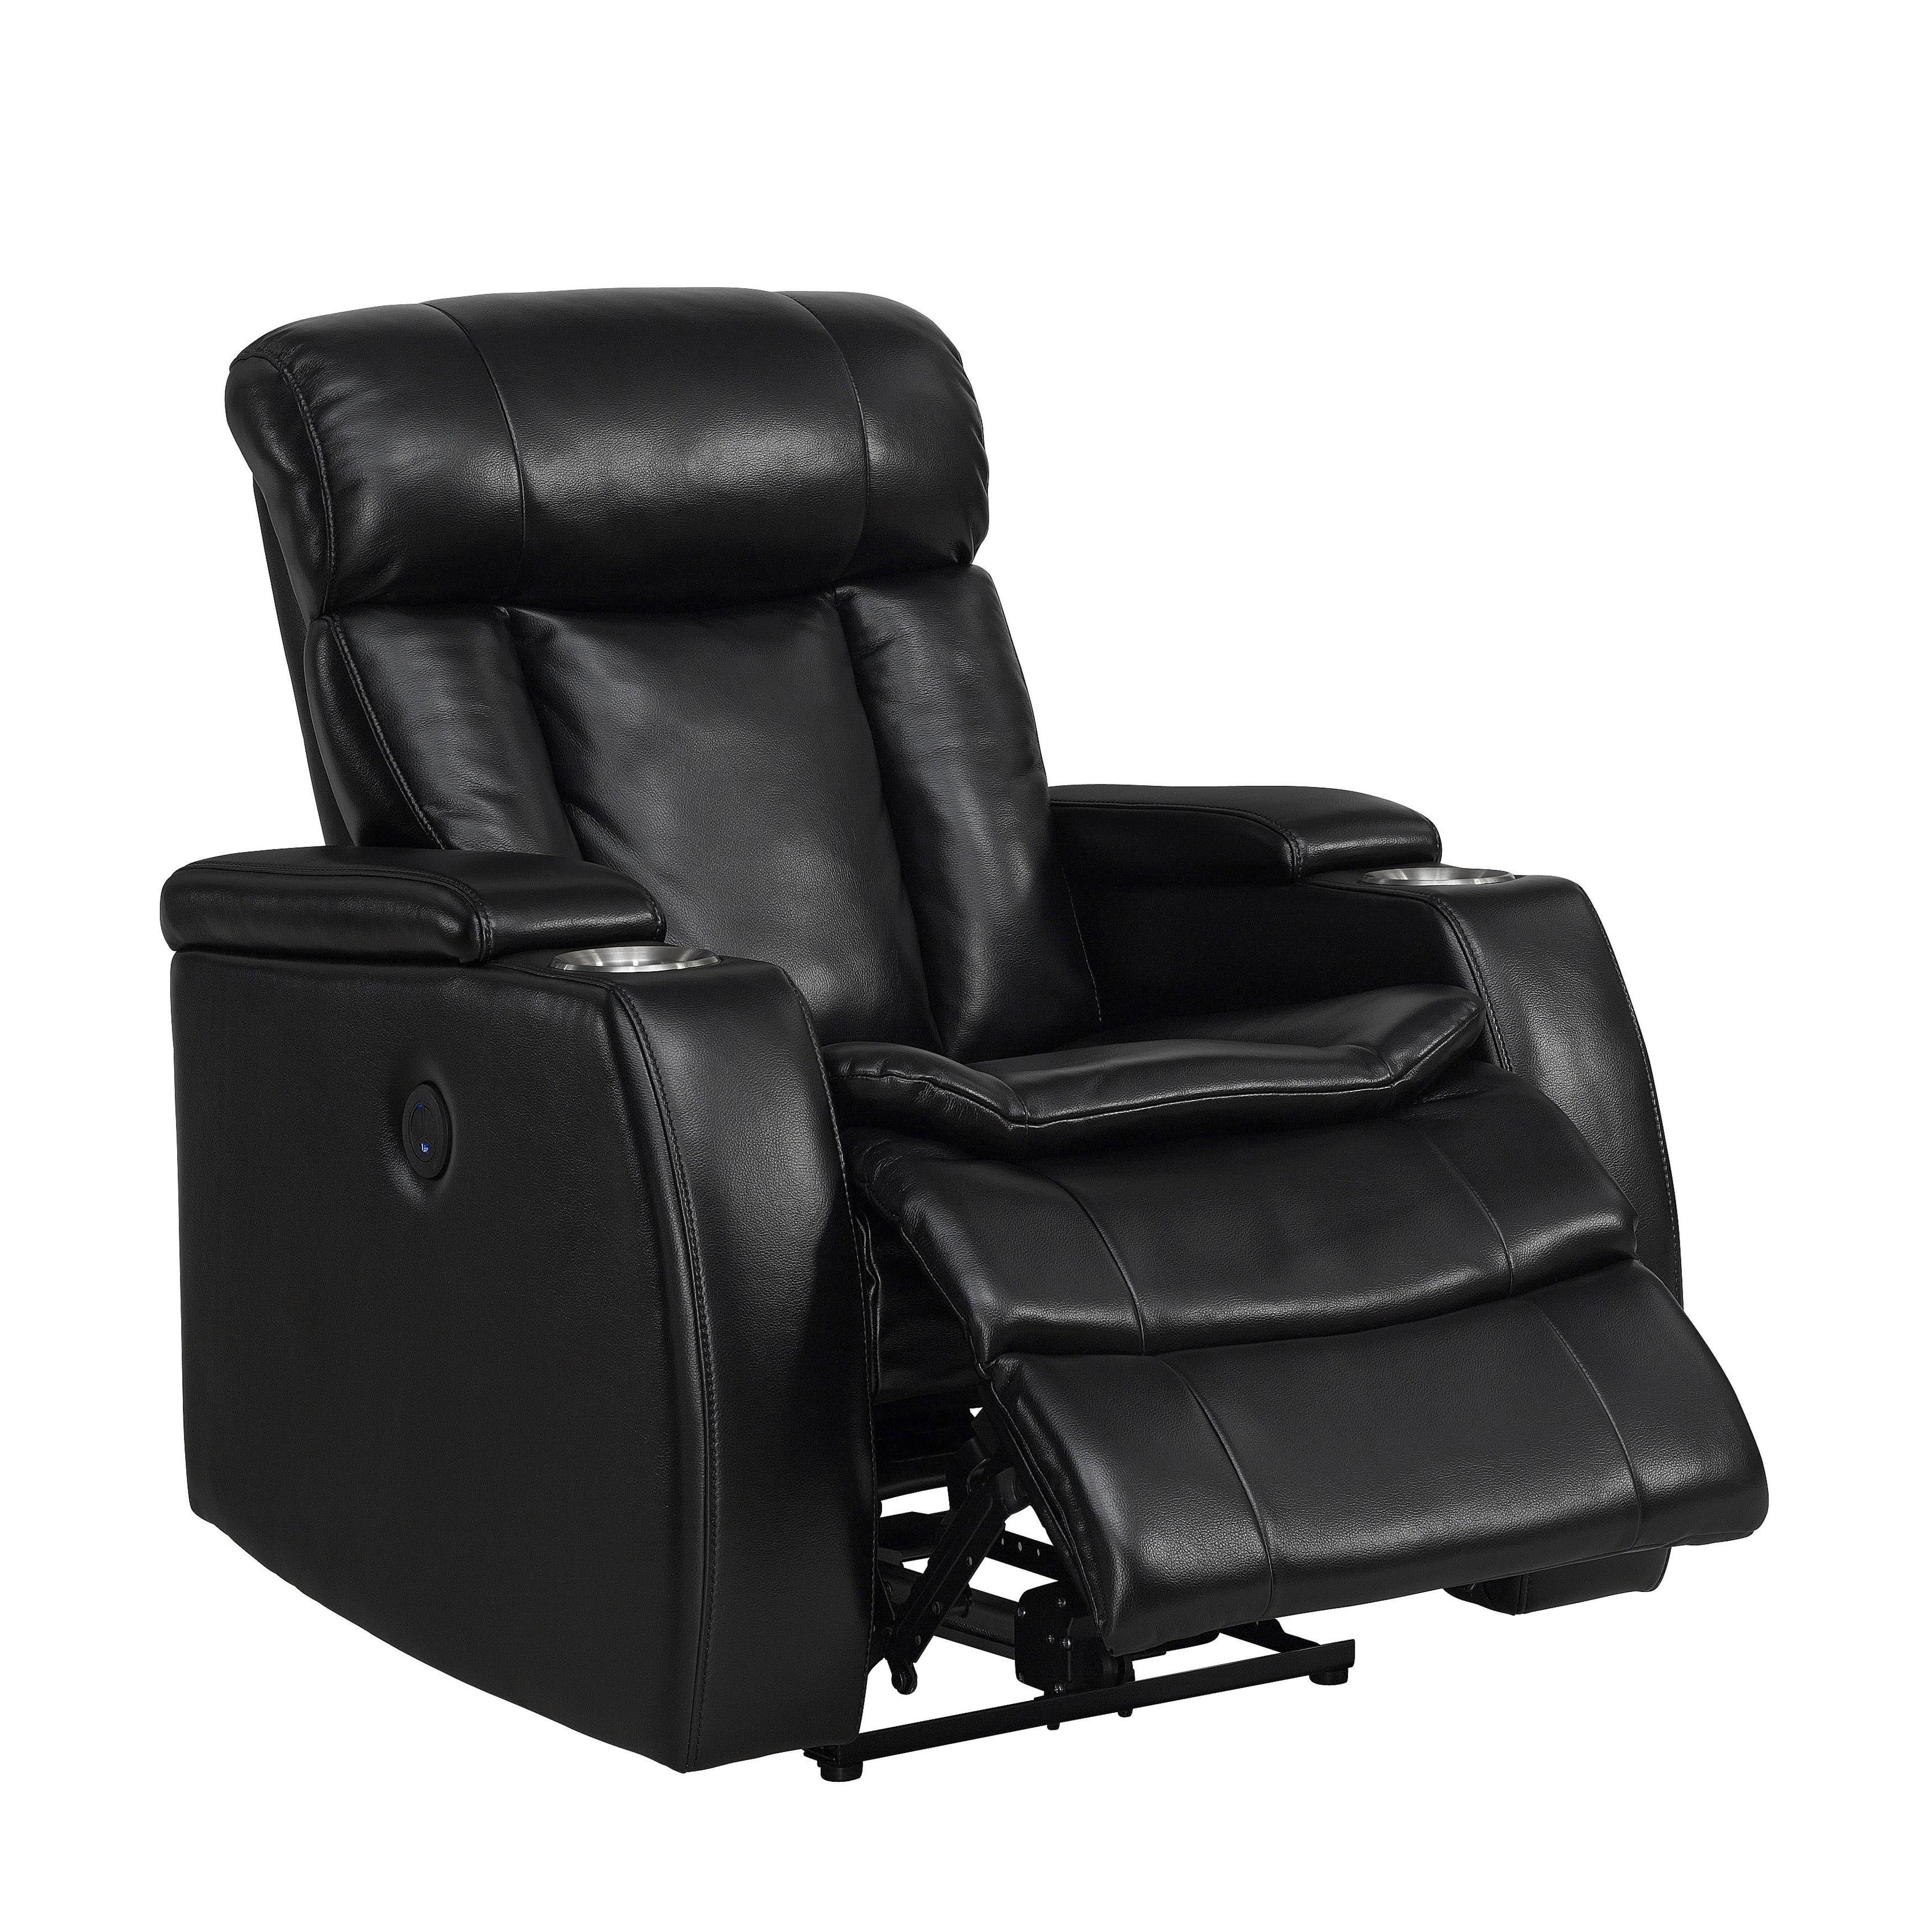 Groovy Smart Tech Power Reclining Black Recliner Chair Machost Co Dining Chair Design Ideas Machostcouk